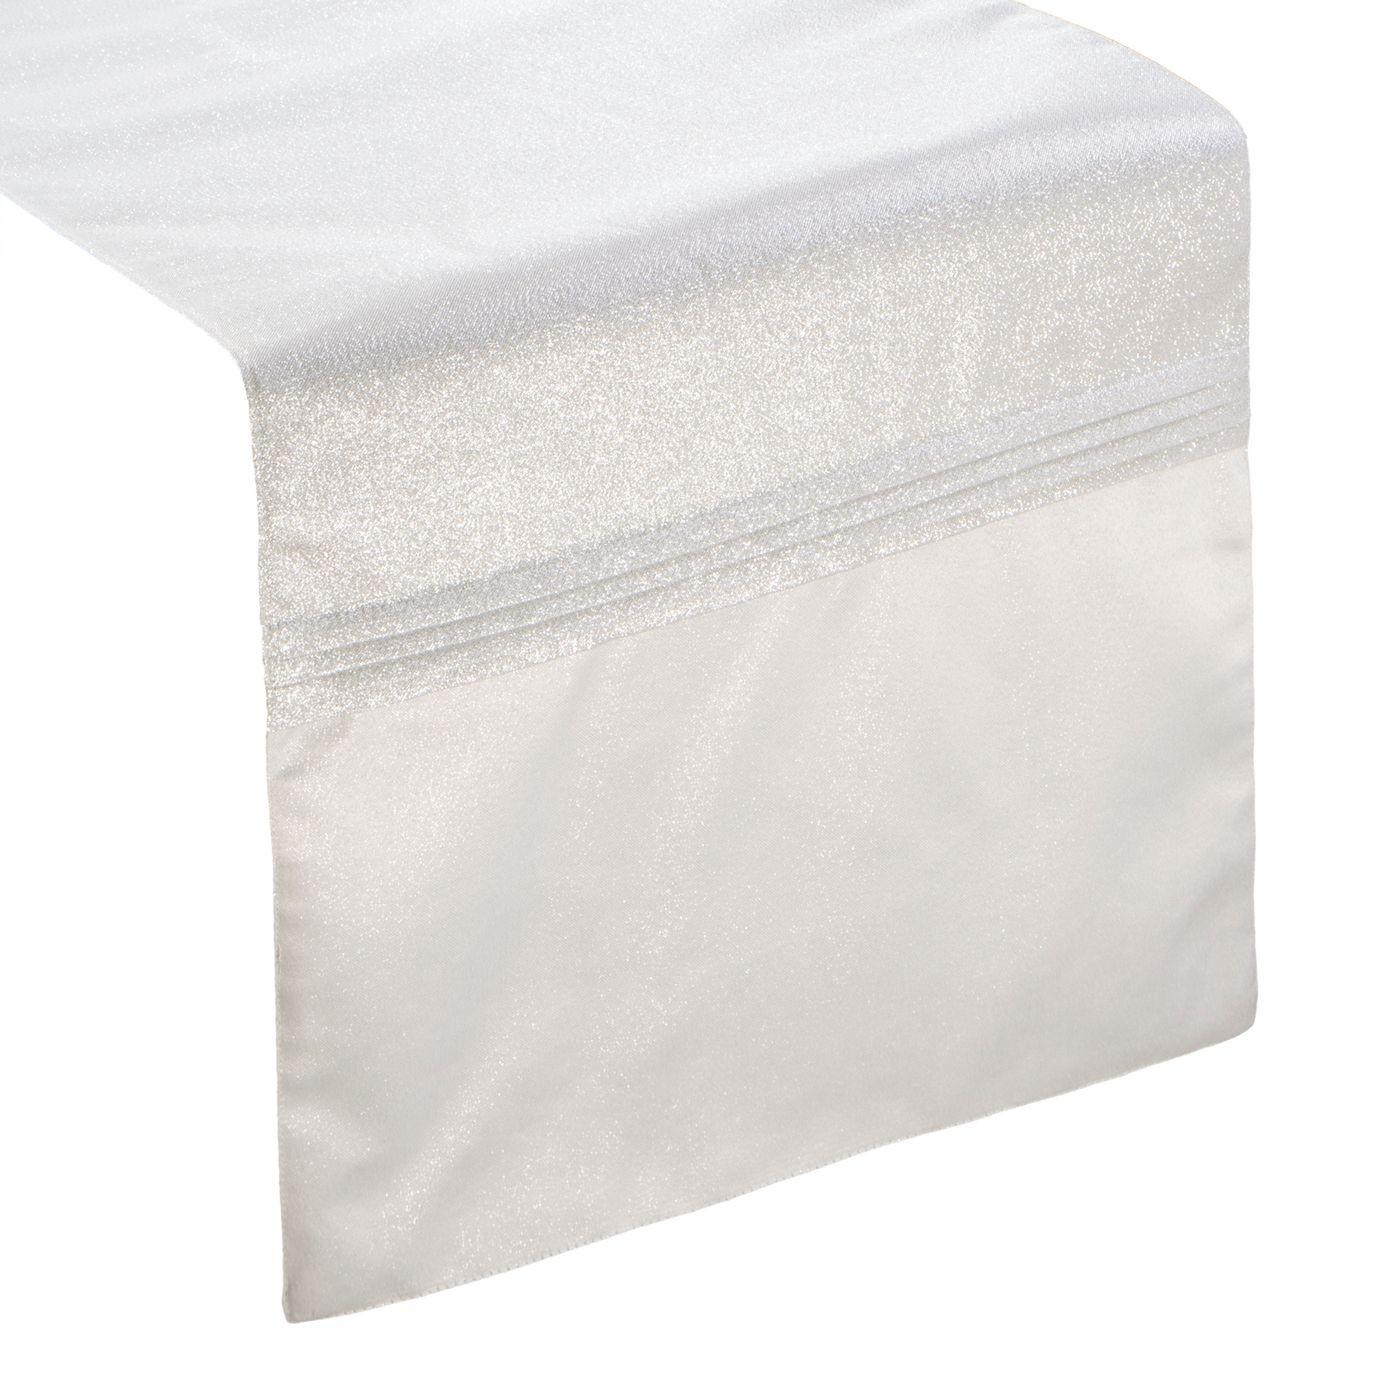 Biały bieżnik do jadalni błyszczący lureks 35x140 cm